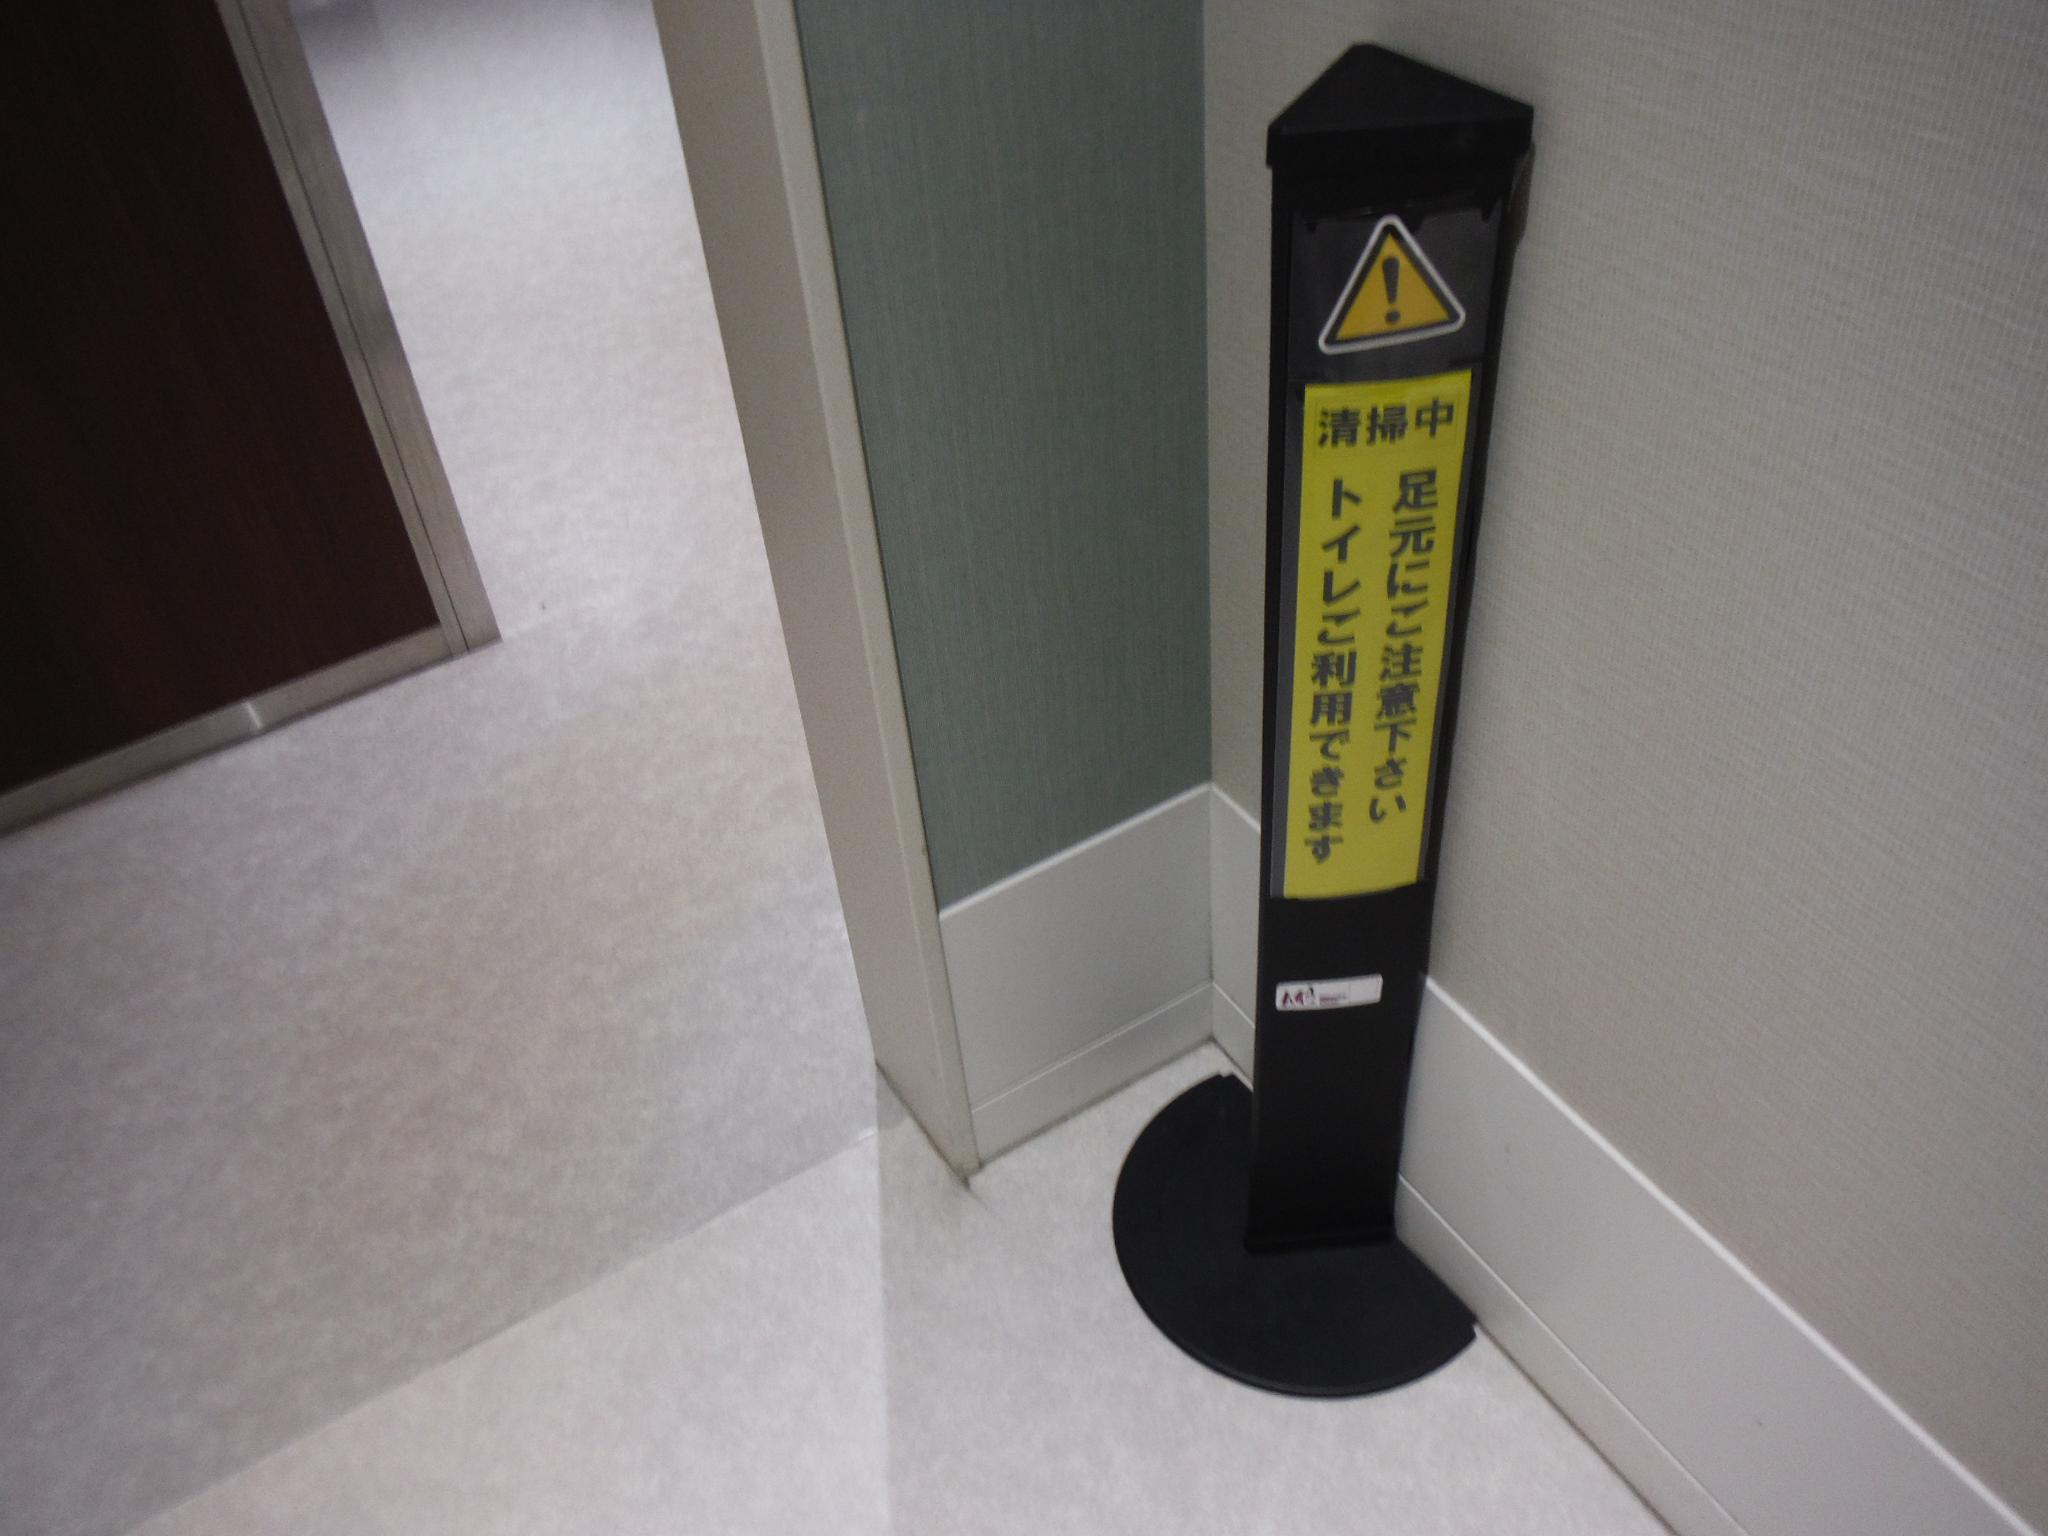 トイレ清掃中 表示板